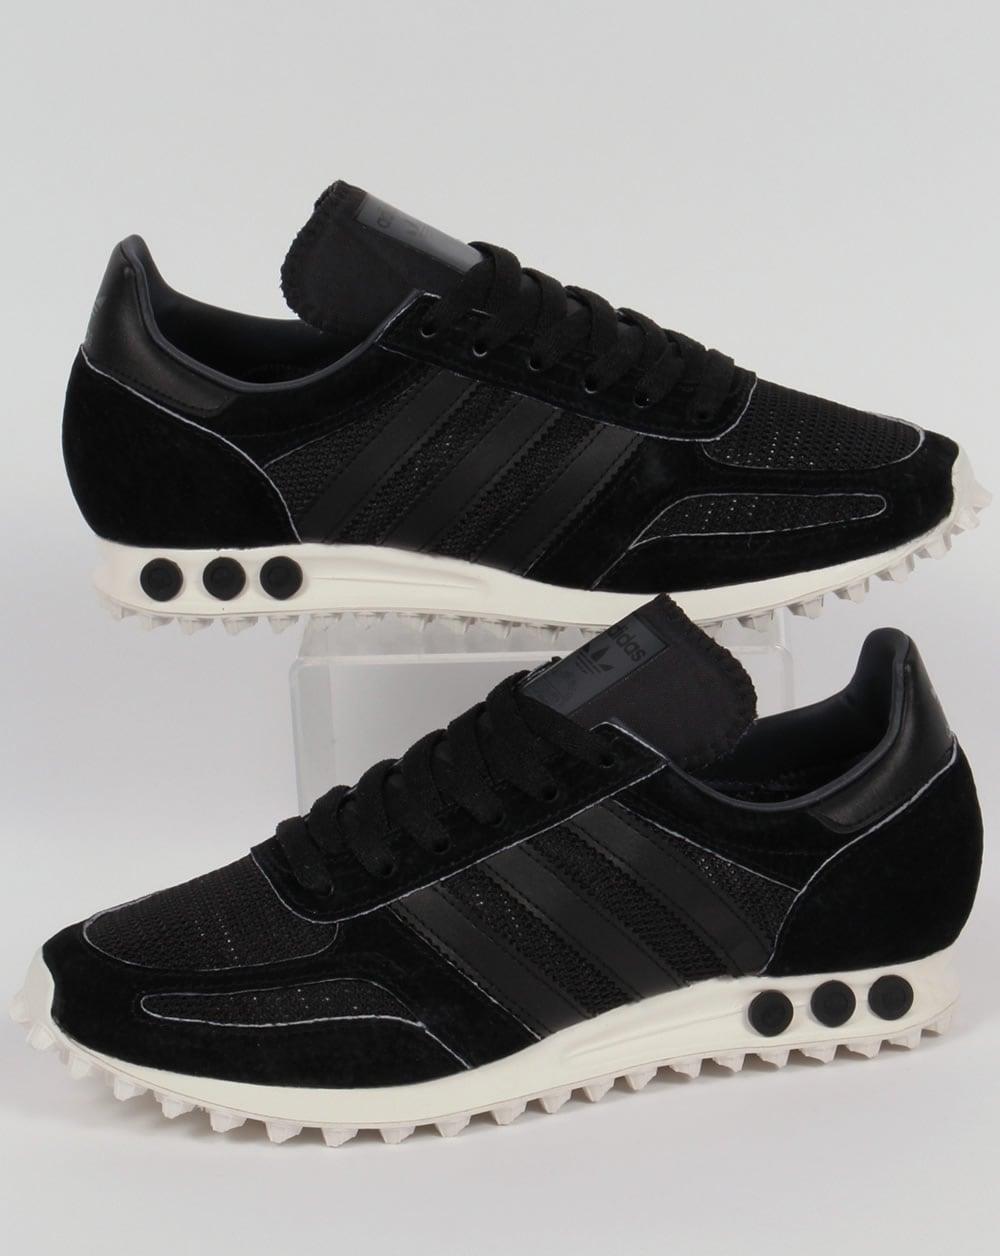 adidas la trainer og trainers black black grey mens. Black Bedroom Furniture Sets. Home Design Ideas